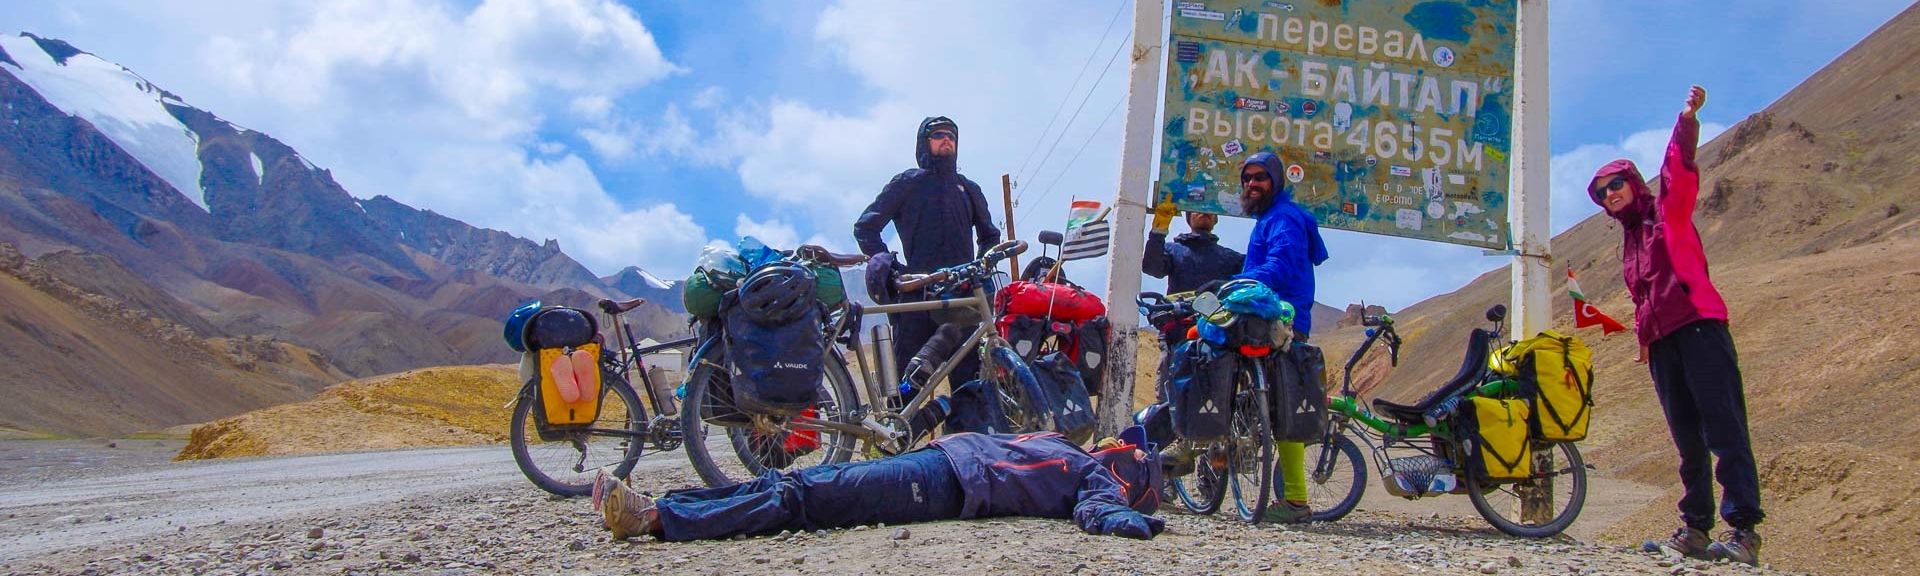 Dünyanın çatısına pedallamak; Akbaital geçidi (4655 m)